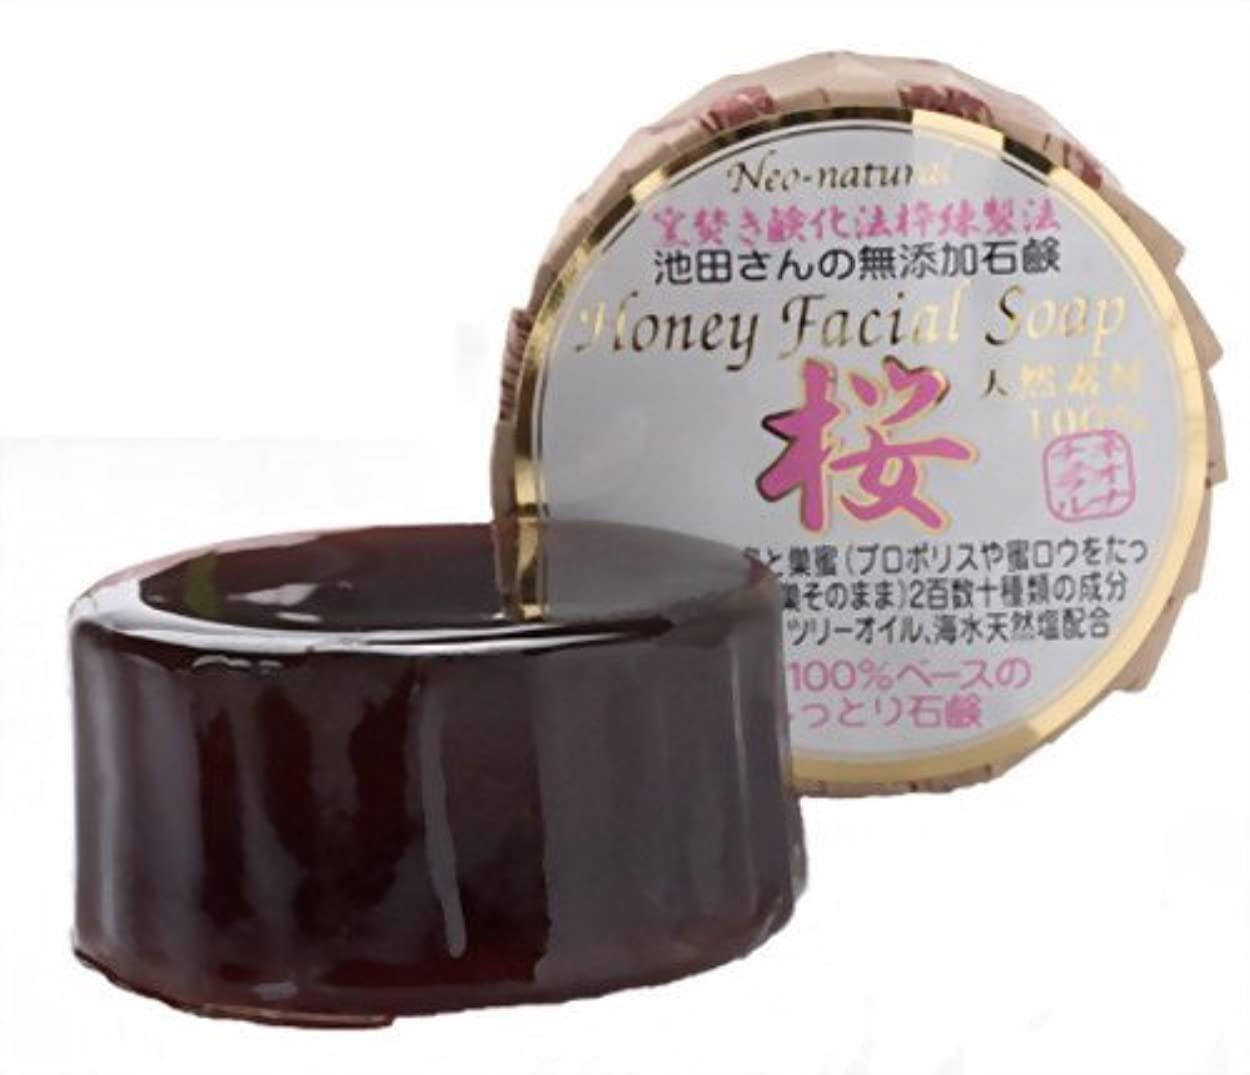 ウェブ便利センサーネオナチュラル 池田さんのハニーフェイシャルソープ桜 80g